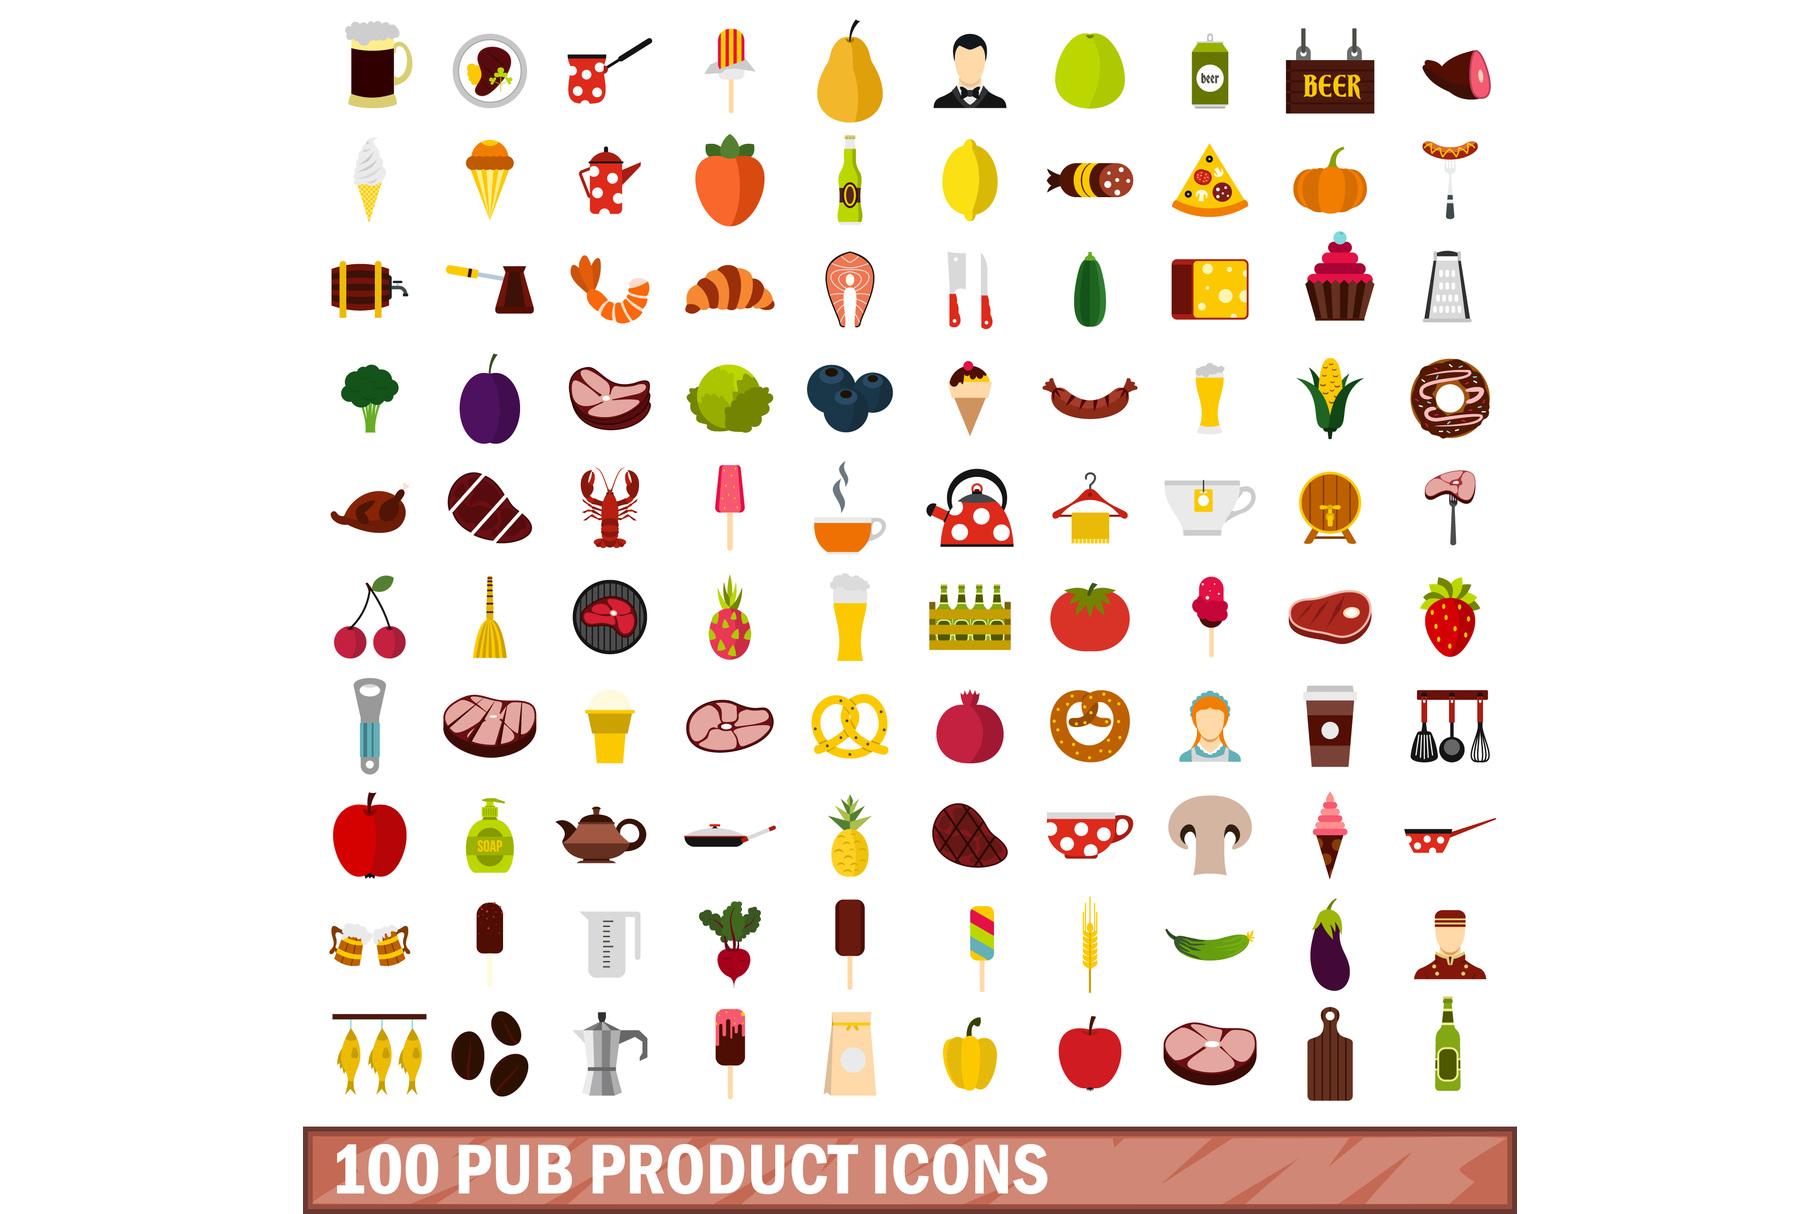 100 pub product icons set, flat style example image 1